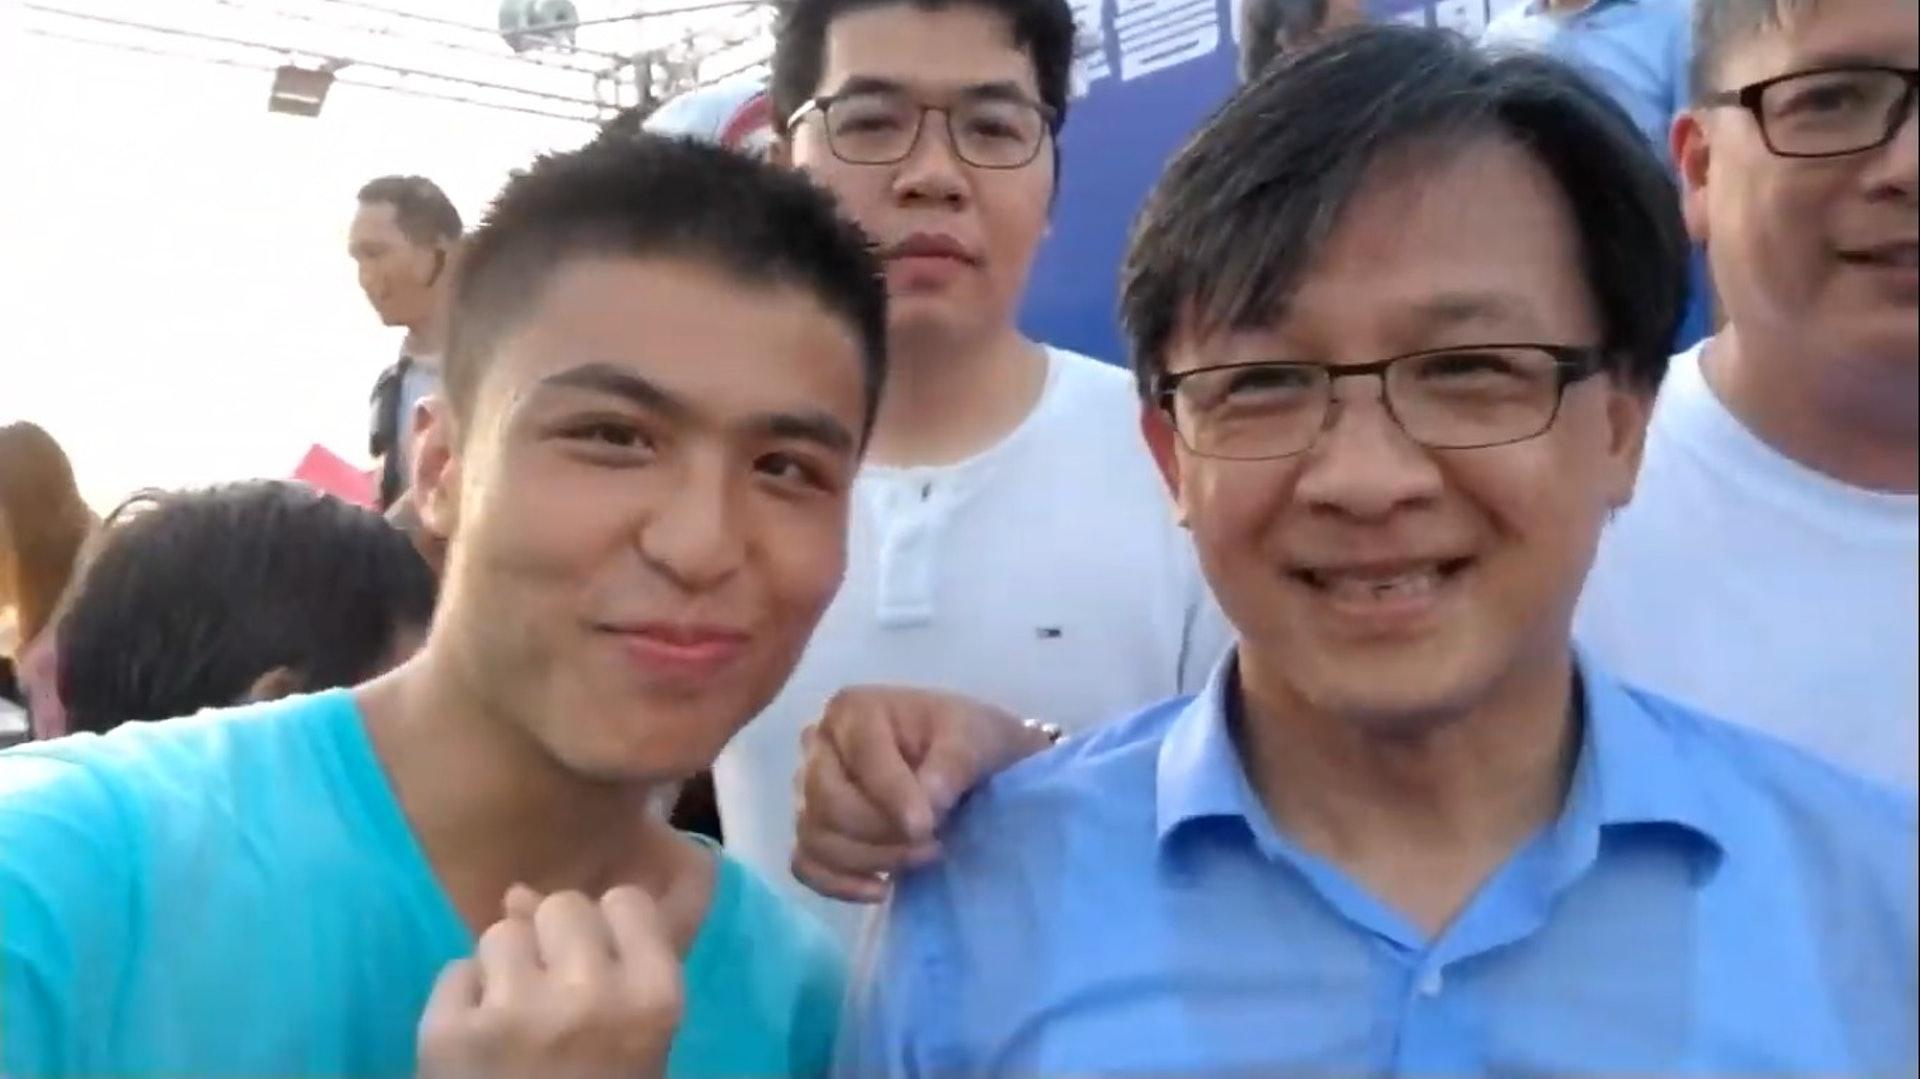 劉馬車曾在撐警活動中與立法會議員何君堯合照。(YouTube/@劉馬車Carriage)